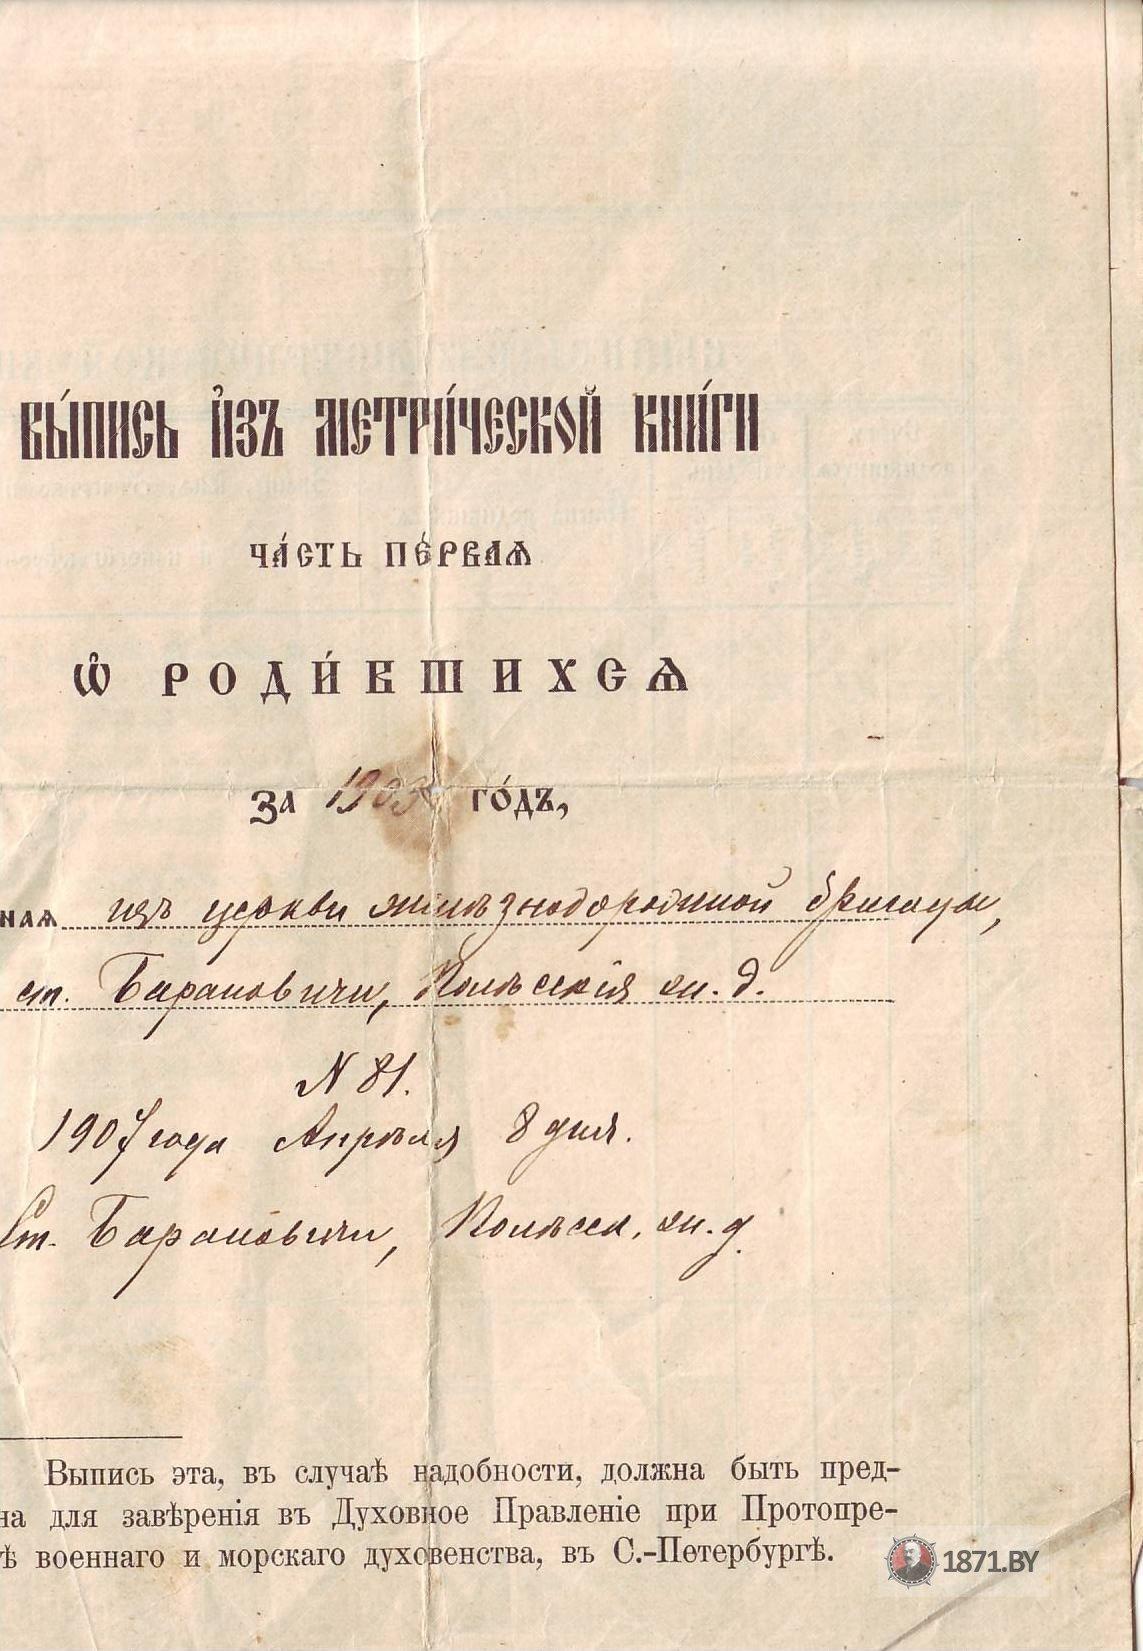 metrika-1903-1871by-02